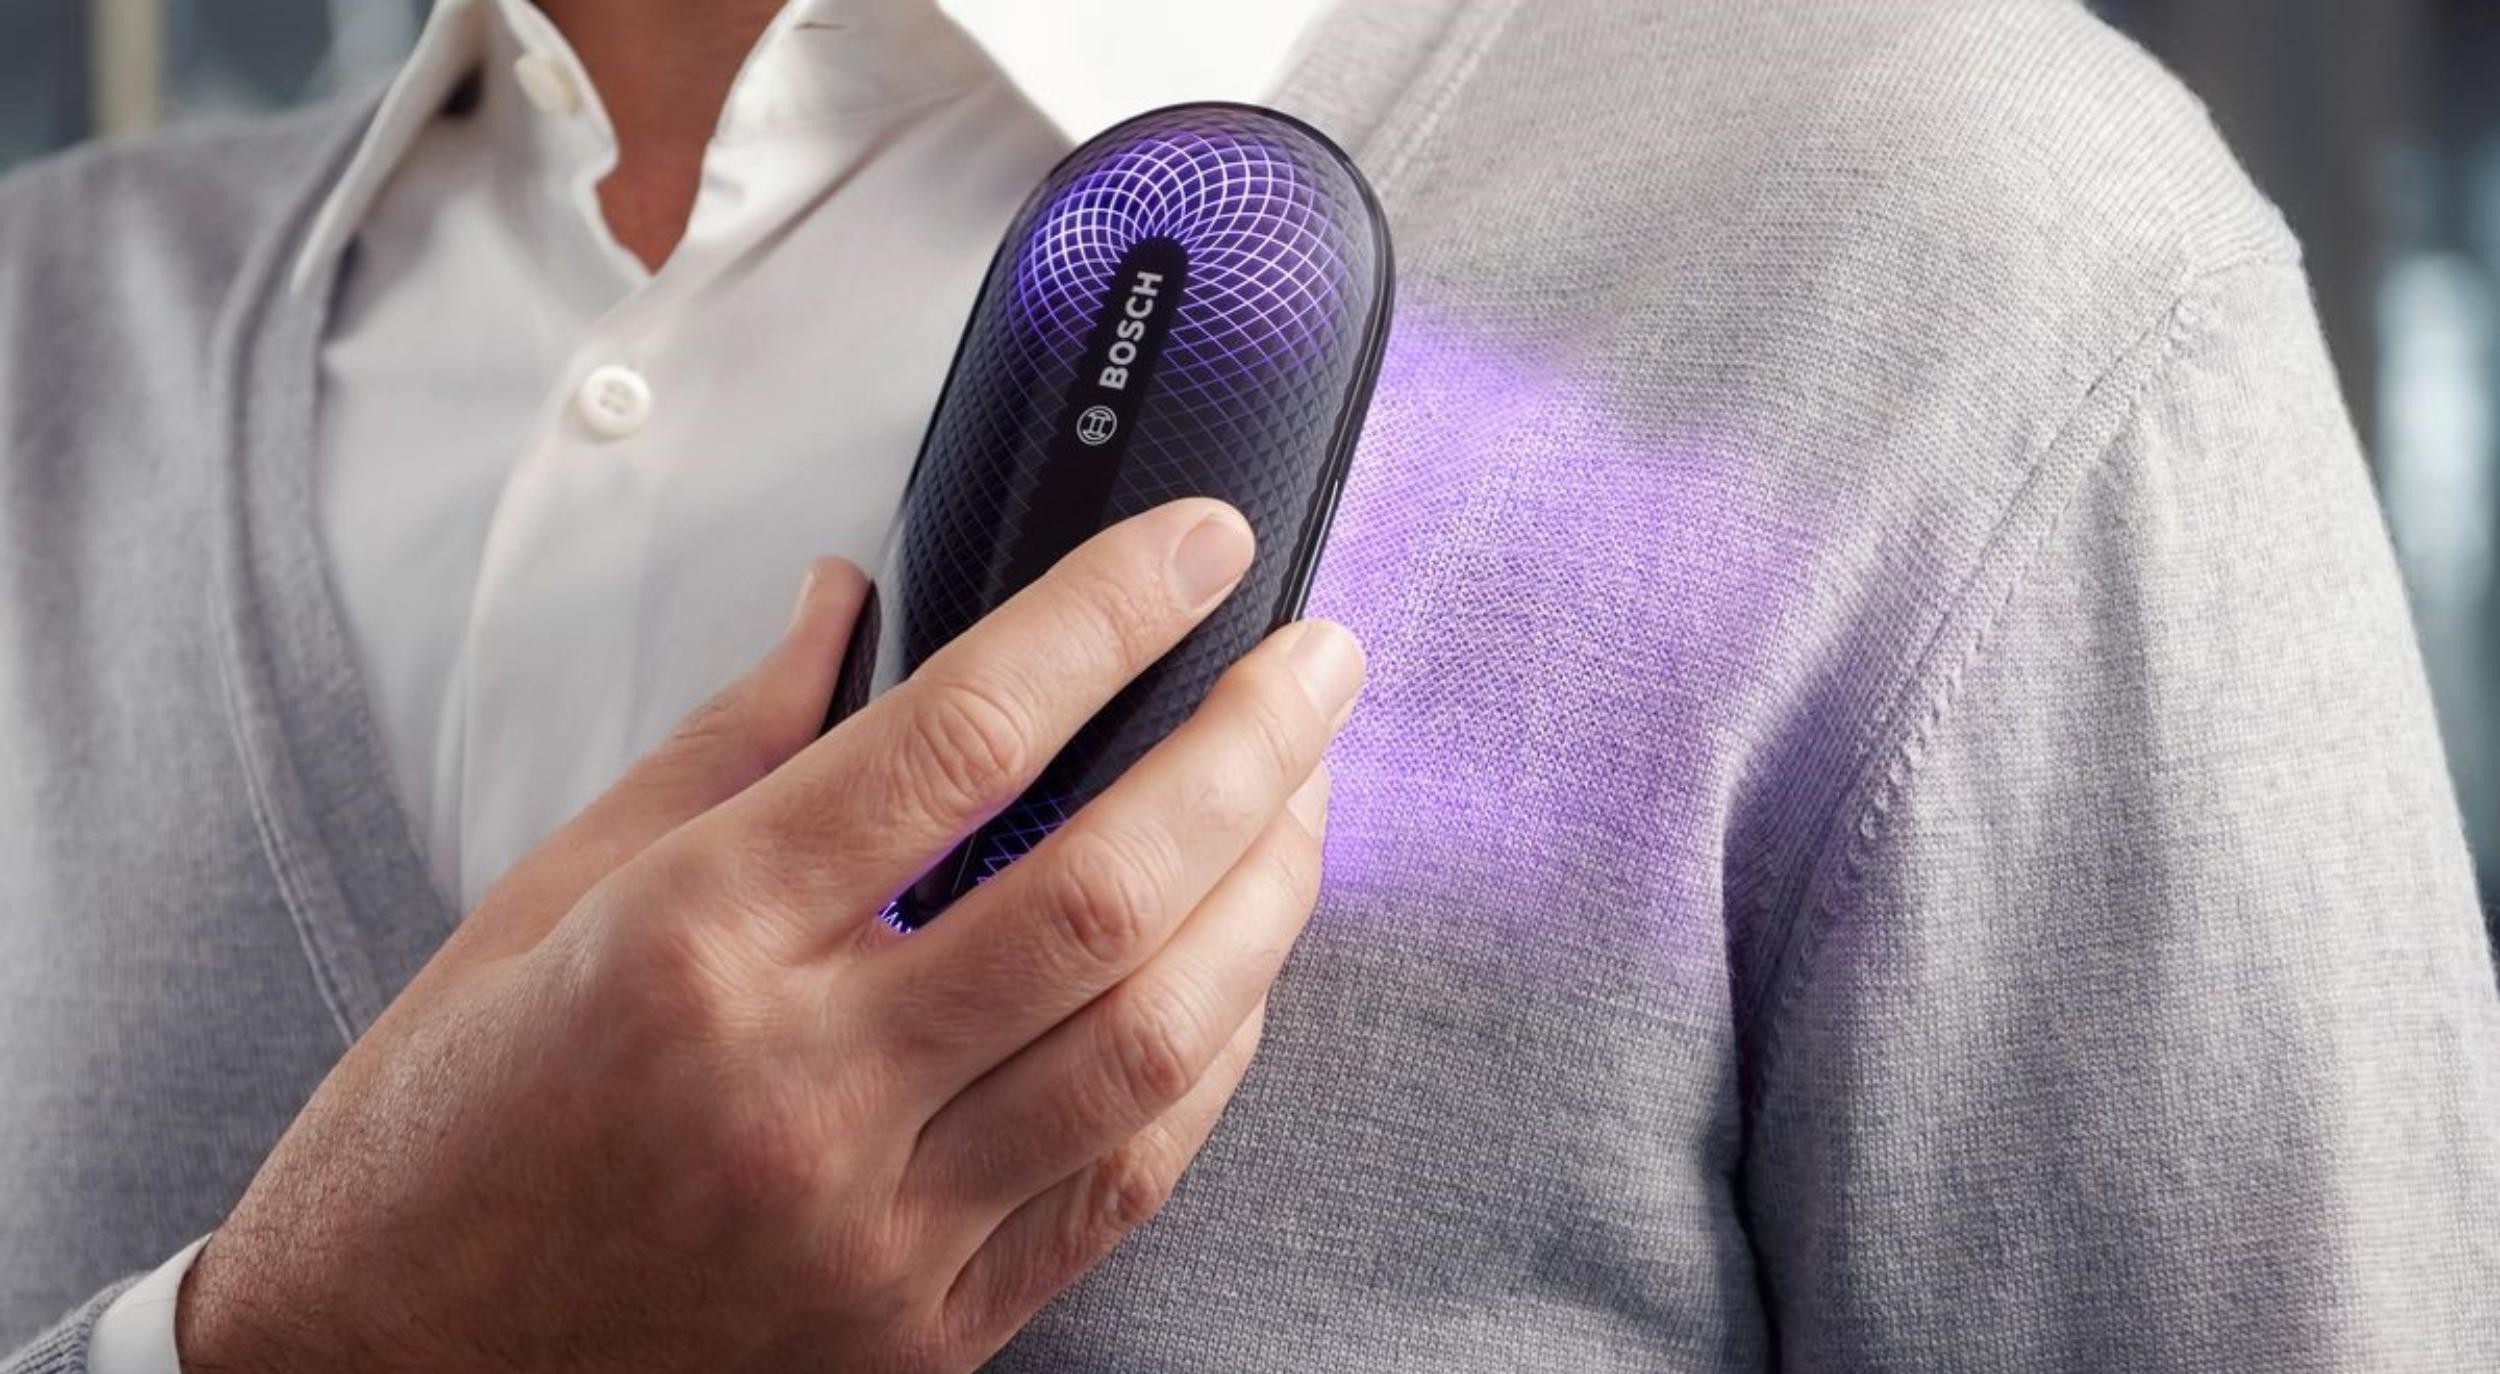 freshup-de-bosch,-un-pequeno-dispositivo-para-eliminar-los-olores-de-la-ropa-en-menos-de-2-minutos